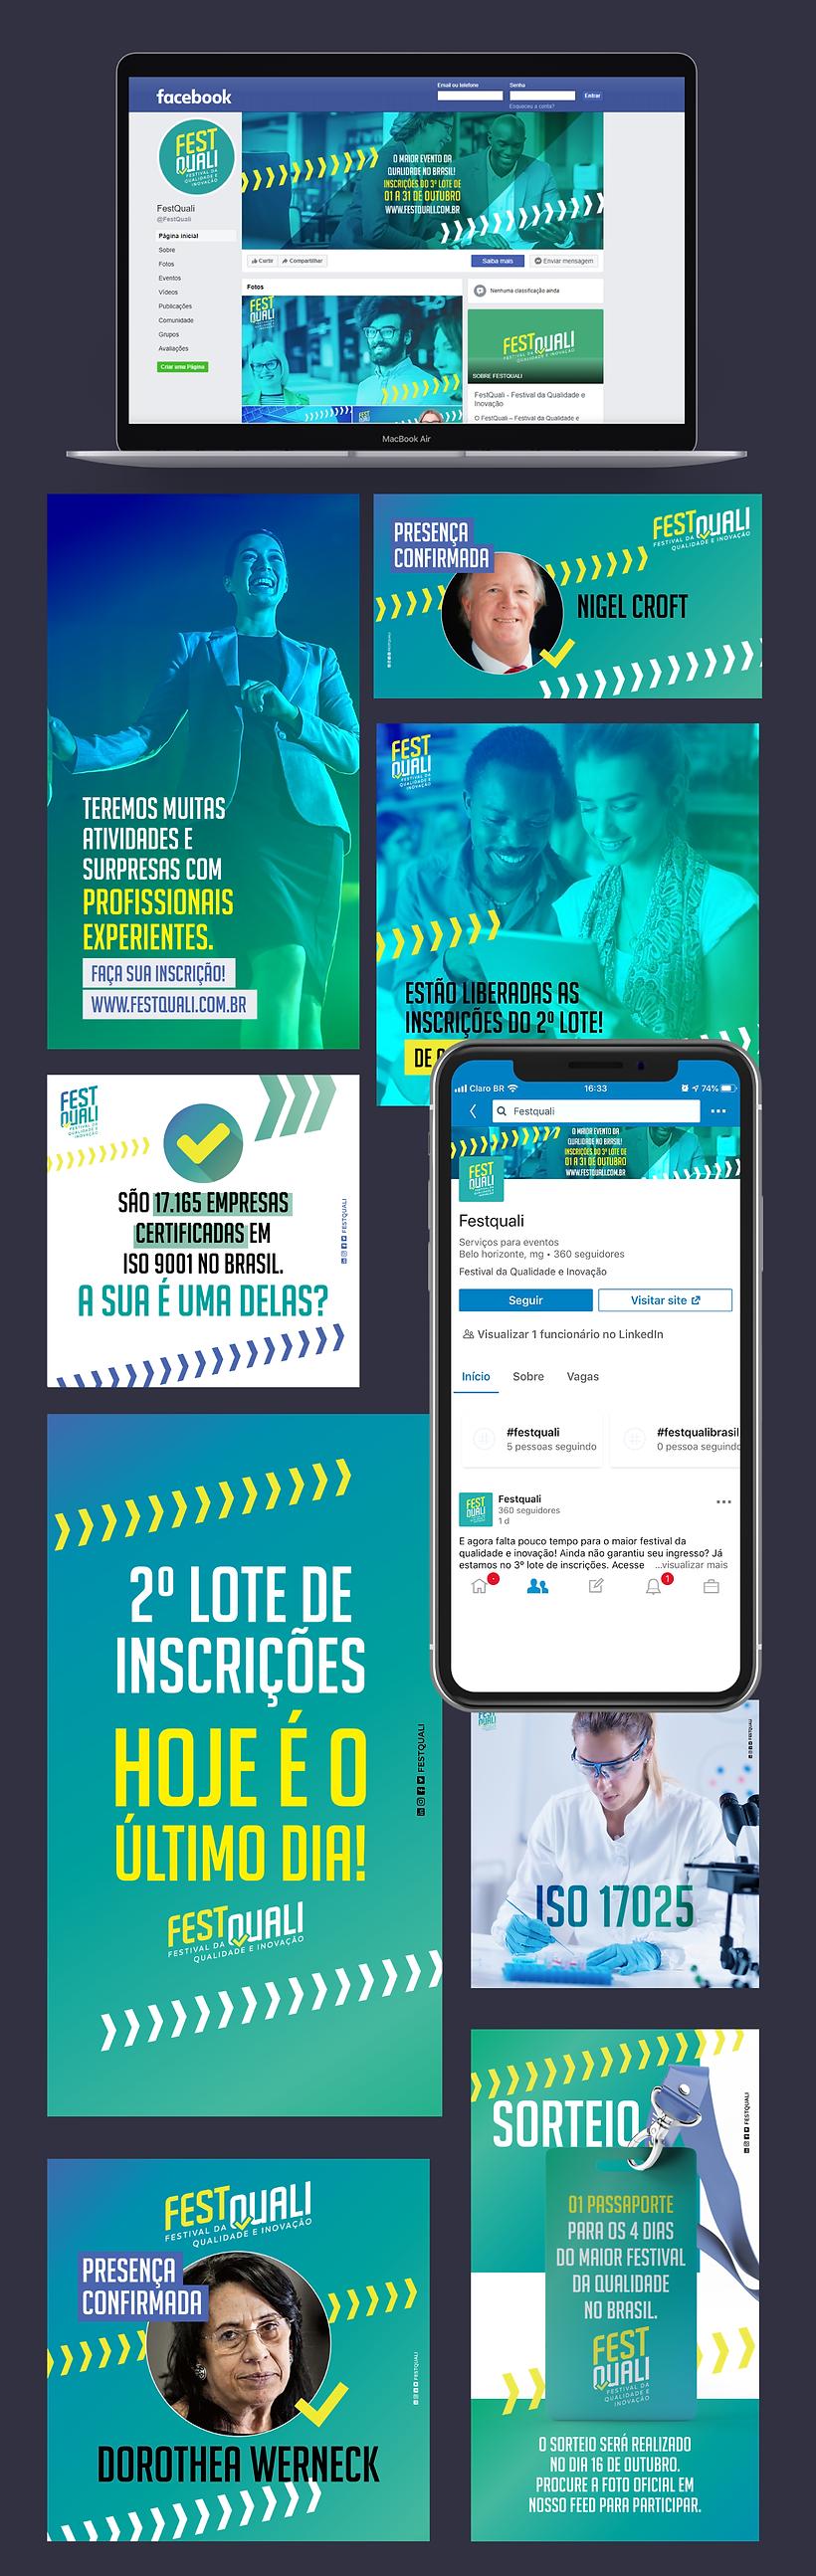 FestQuali_instagram_email-marketing_link